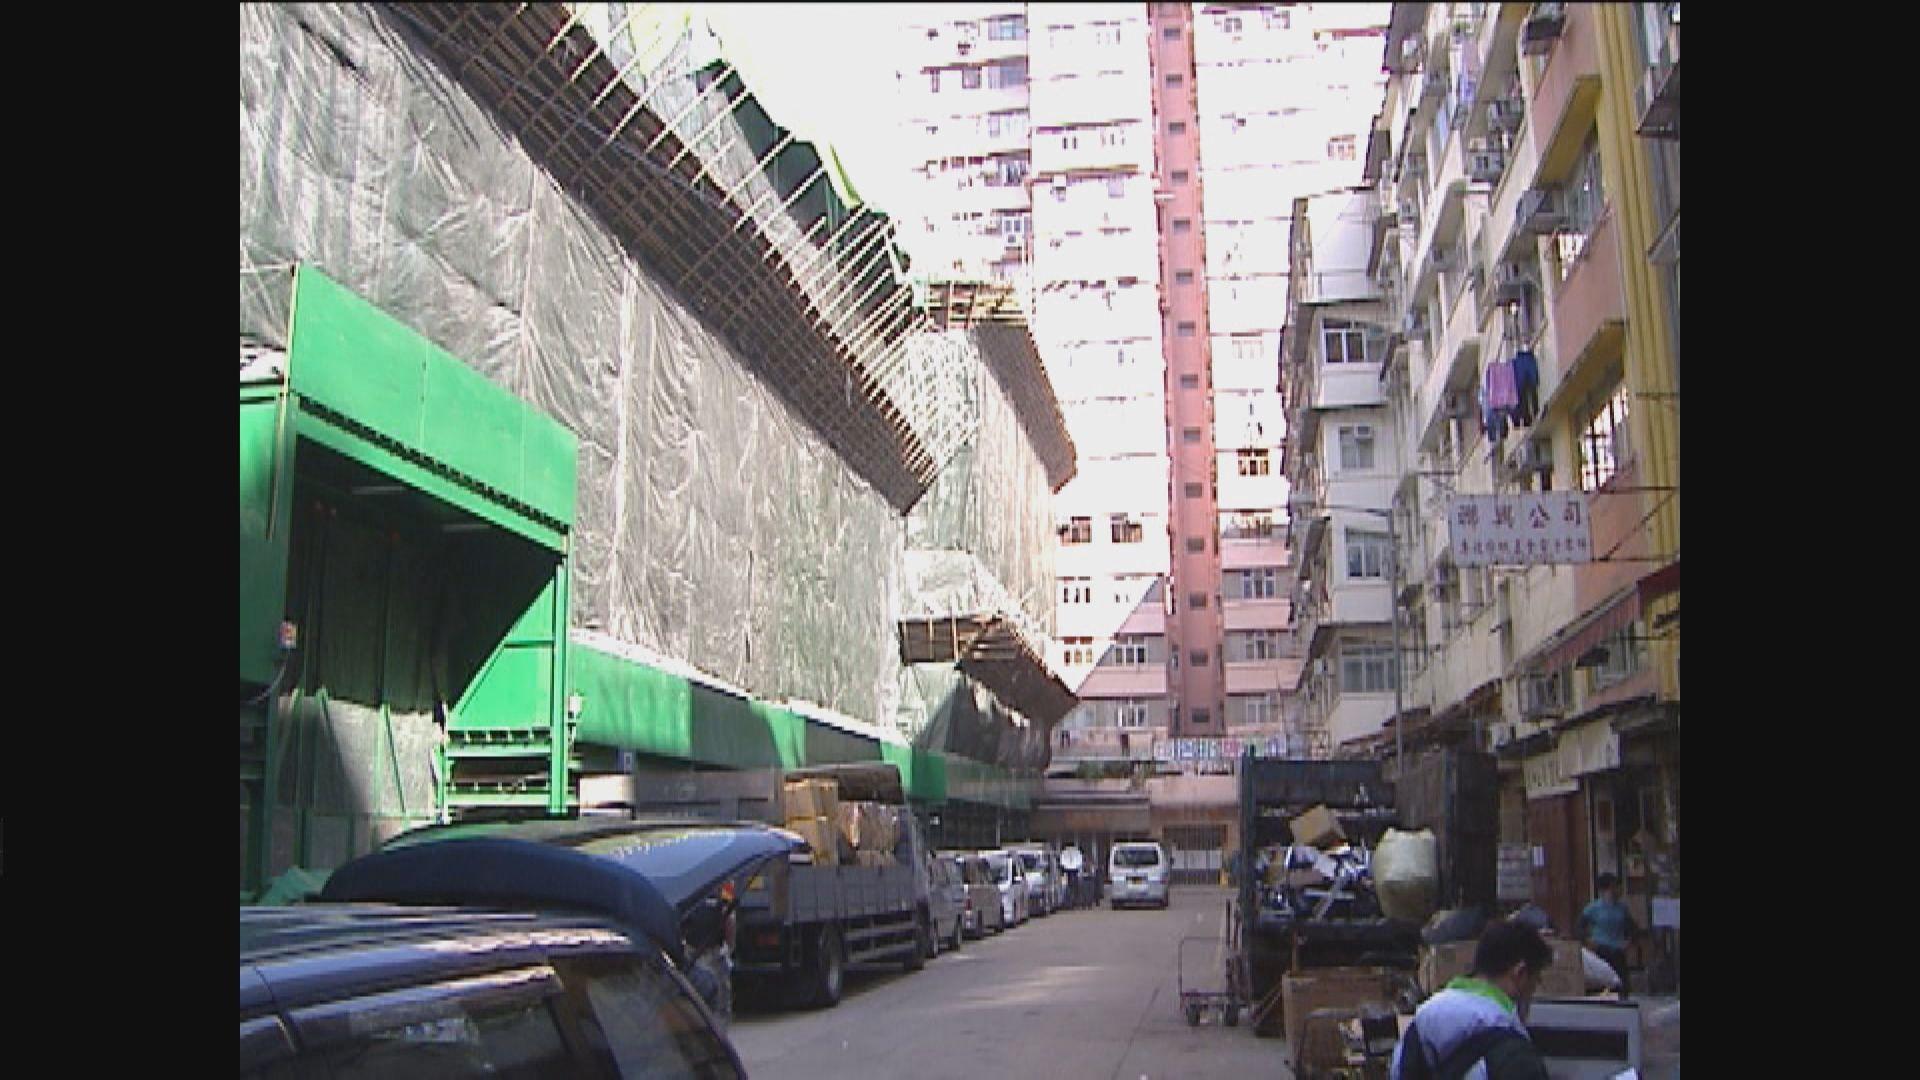 市建局:下個首置項目選址春田街